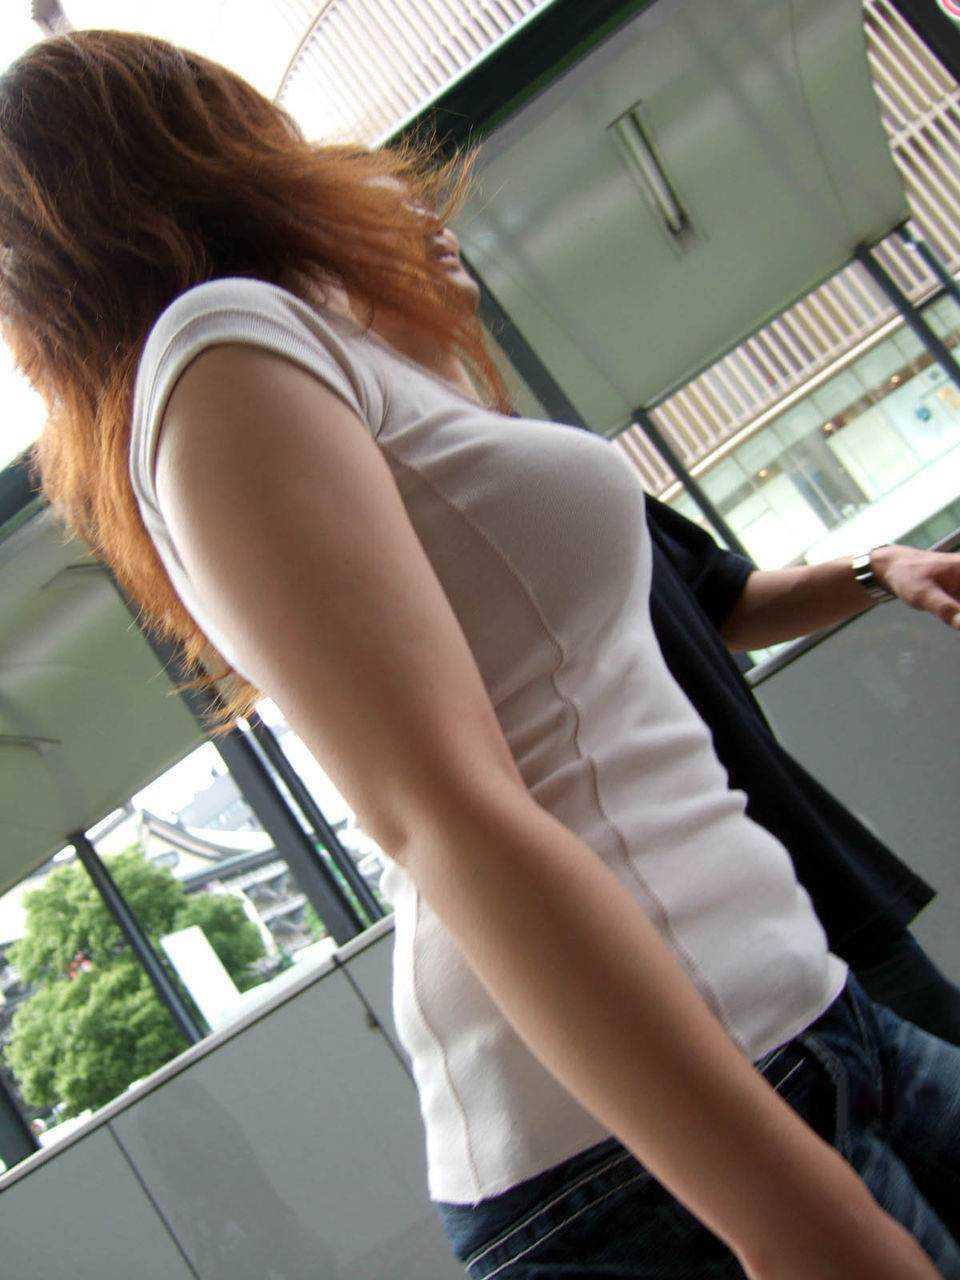 【おっぱい】服の上からでもわかってしまう巨乳な素人さんの街撮り画像【39枚】 04